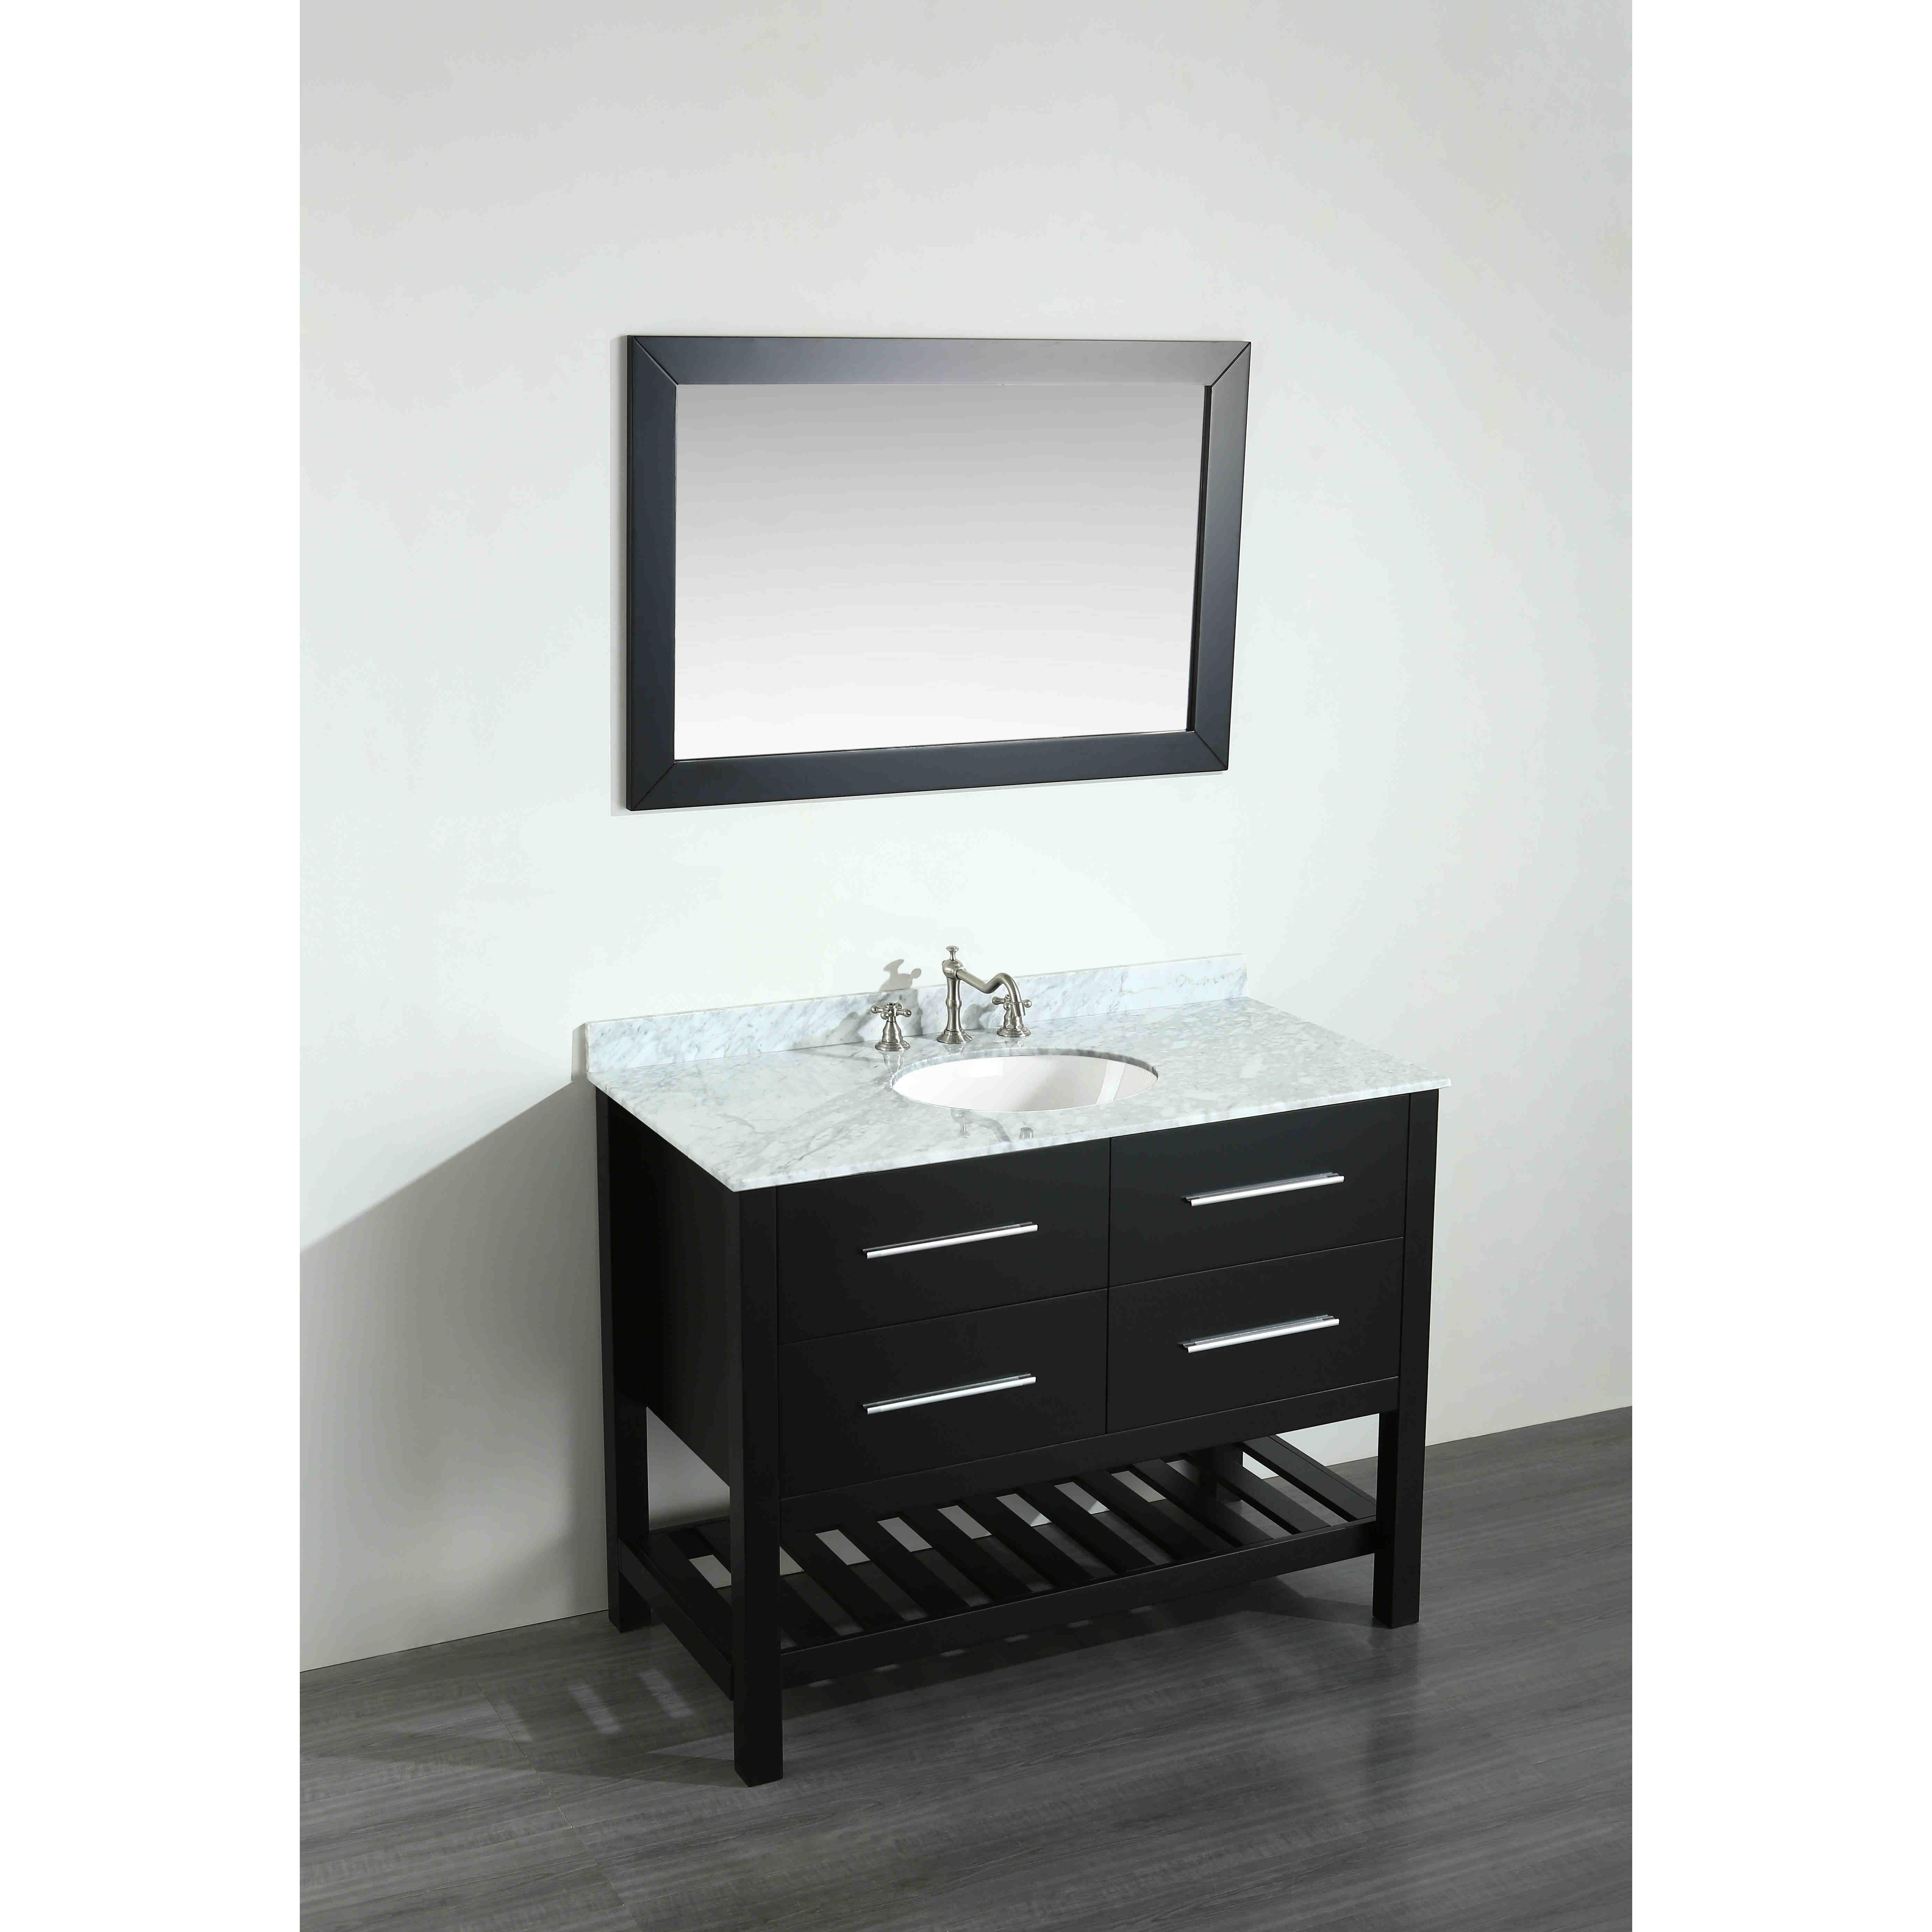 Bosconi 43 3 single bathroom vanity set with mirror for Bathroom 3 way mirror